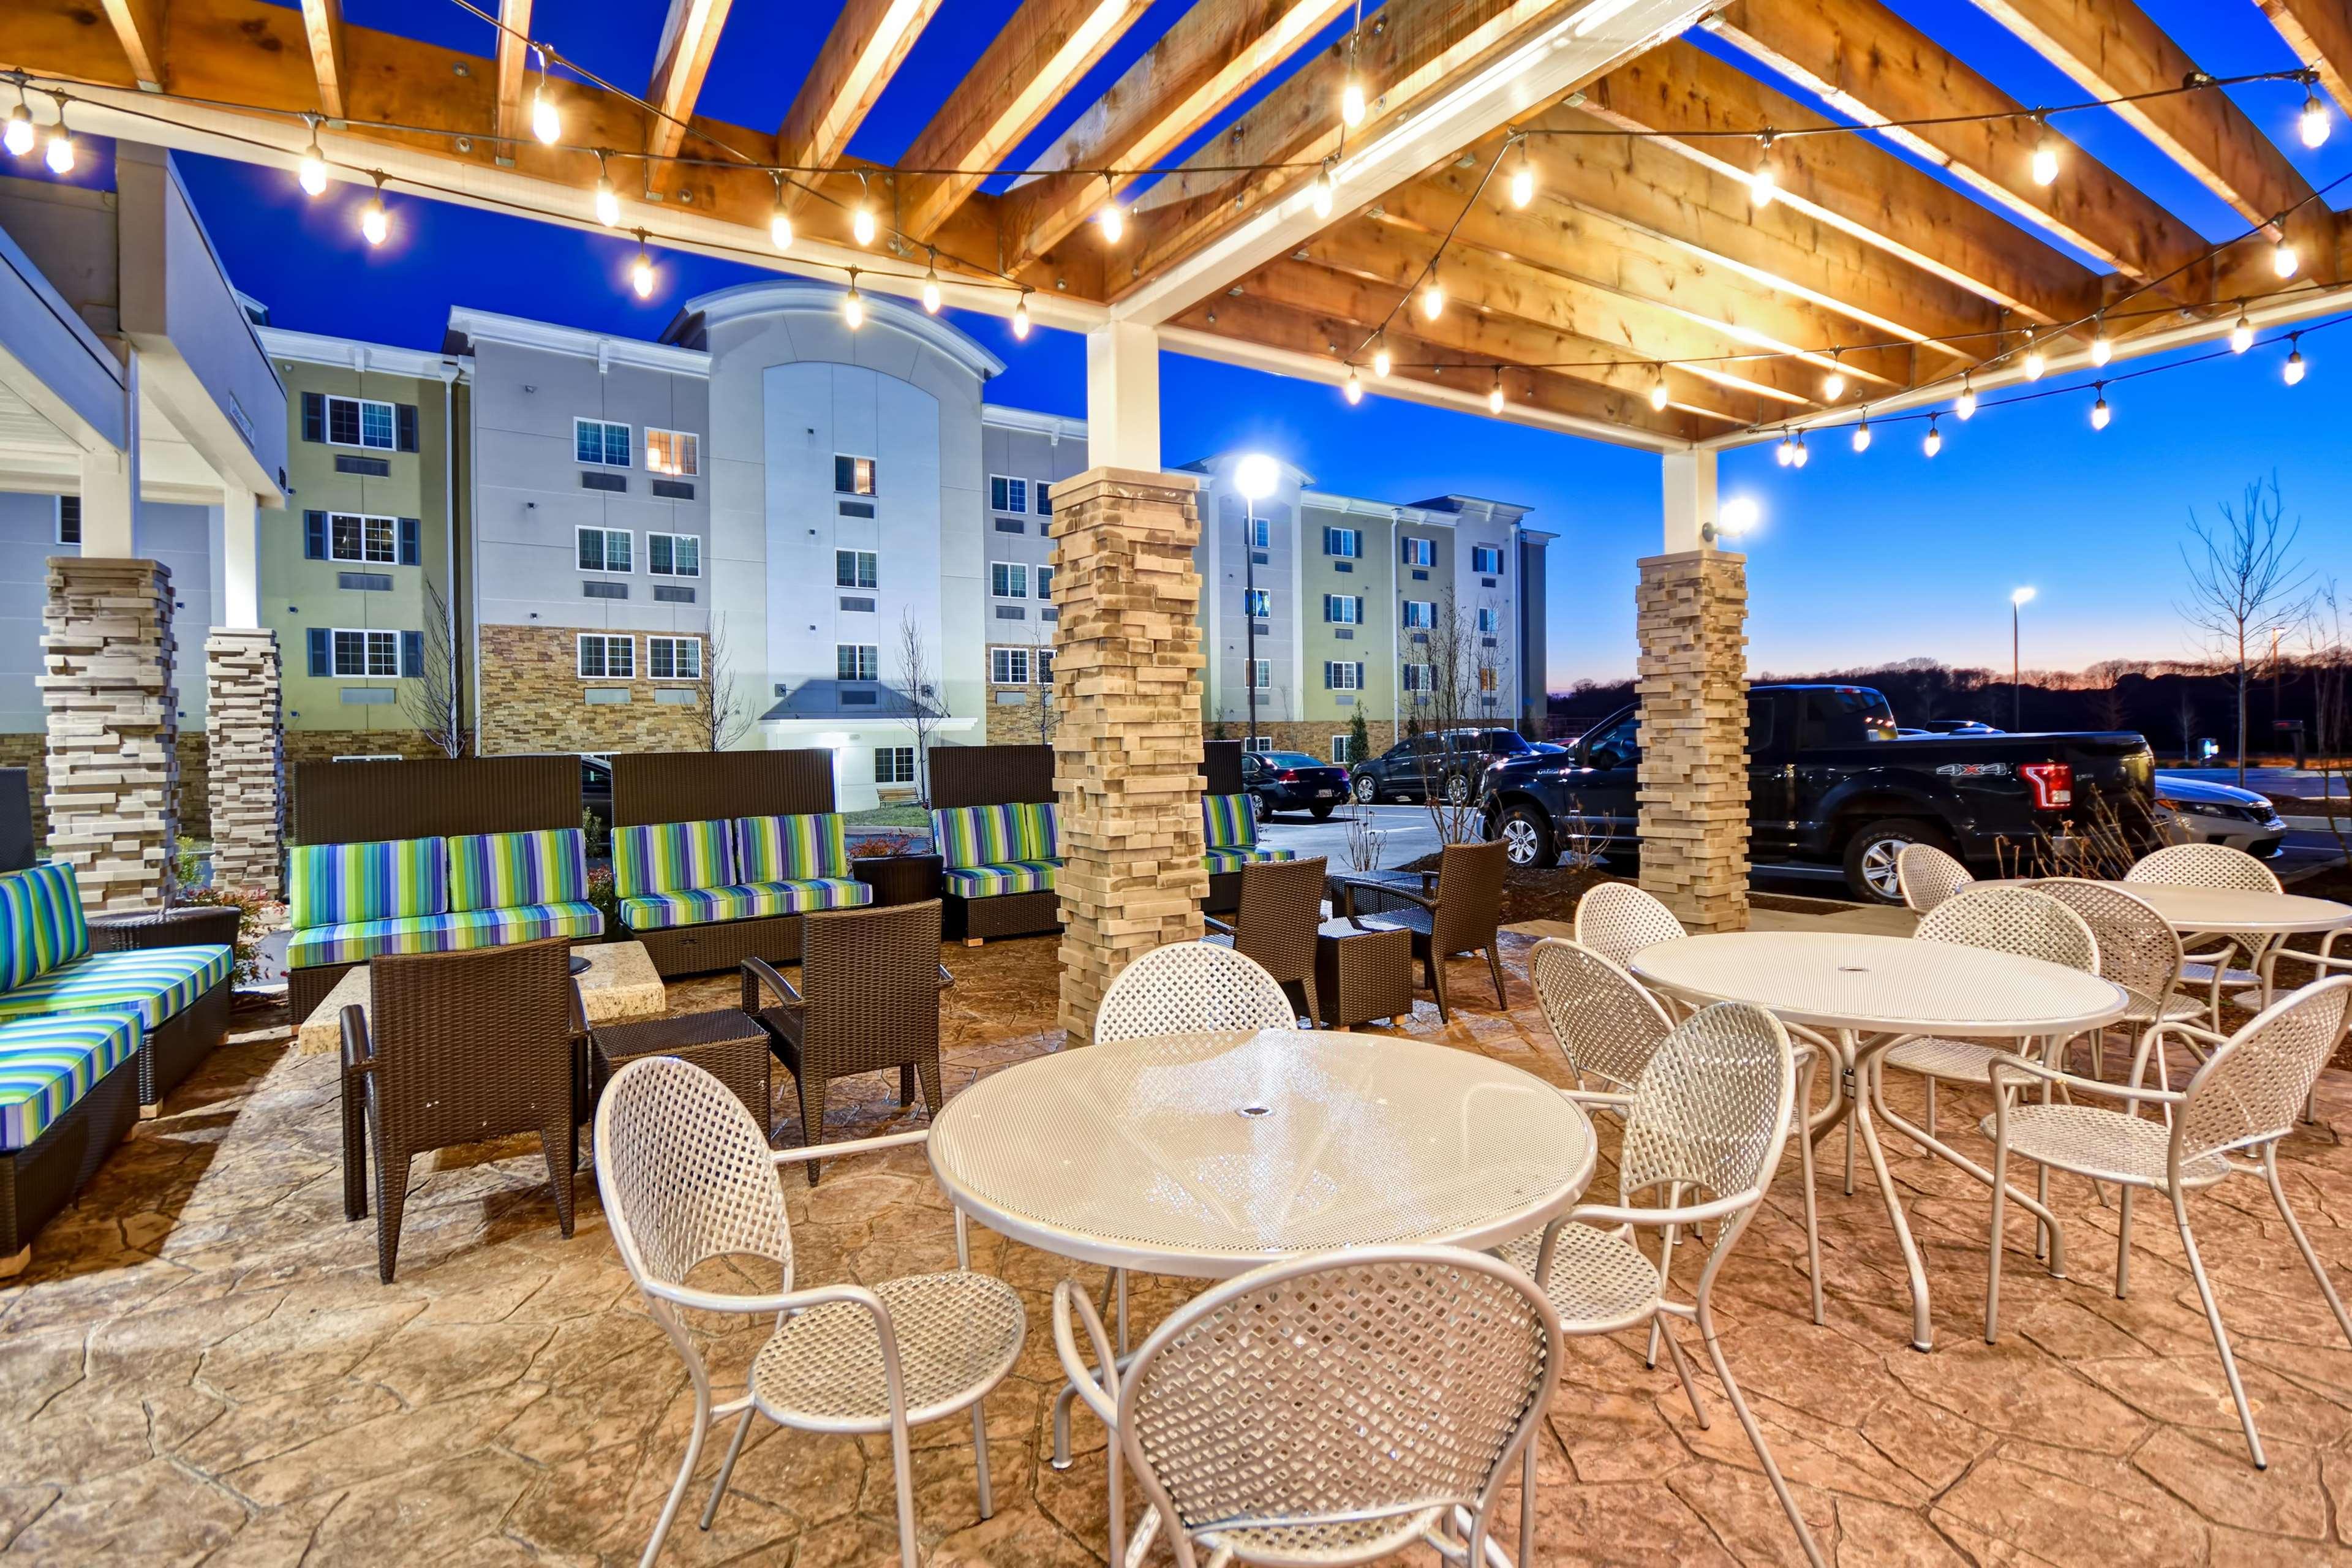 Home2 Suites by Hilton Smyrna Nashville image 1